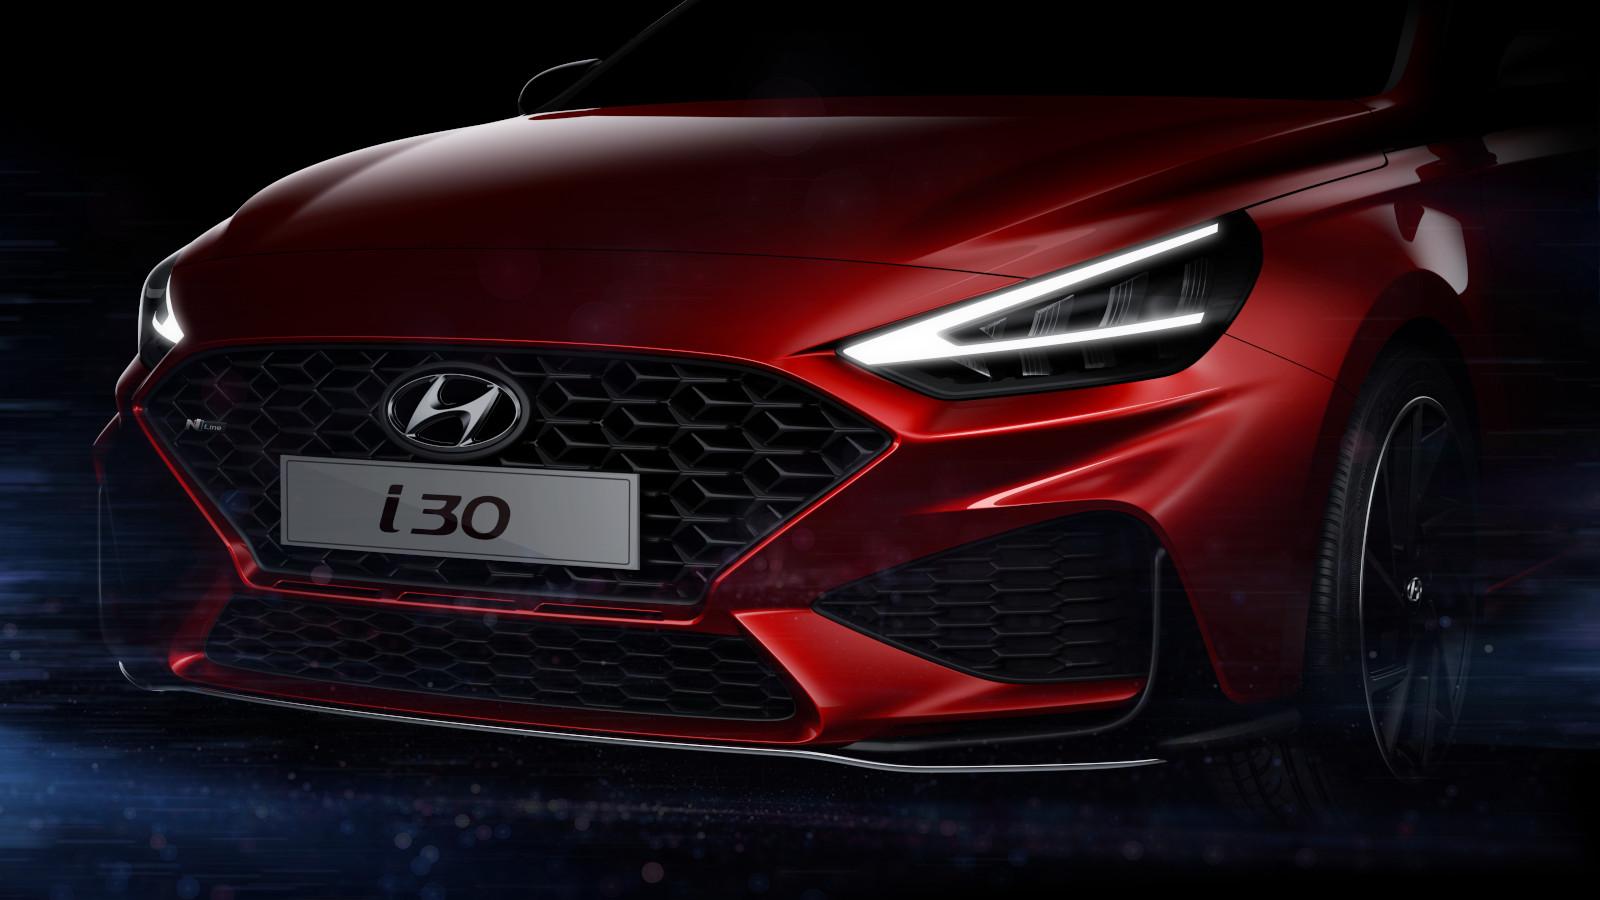 Hyundai i30 alista su rediseño para el Autoshow de Ginebra